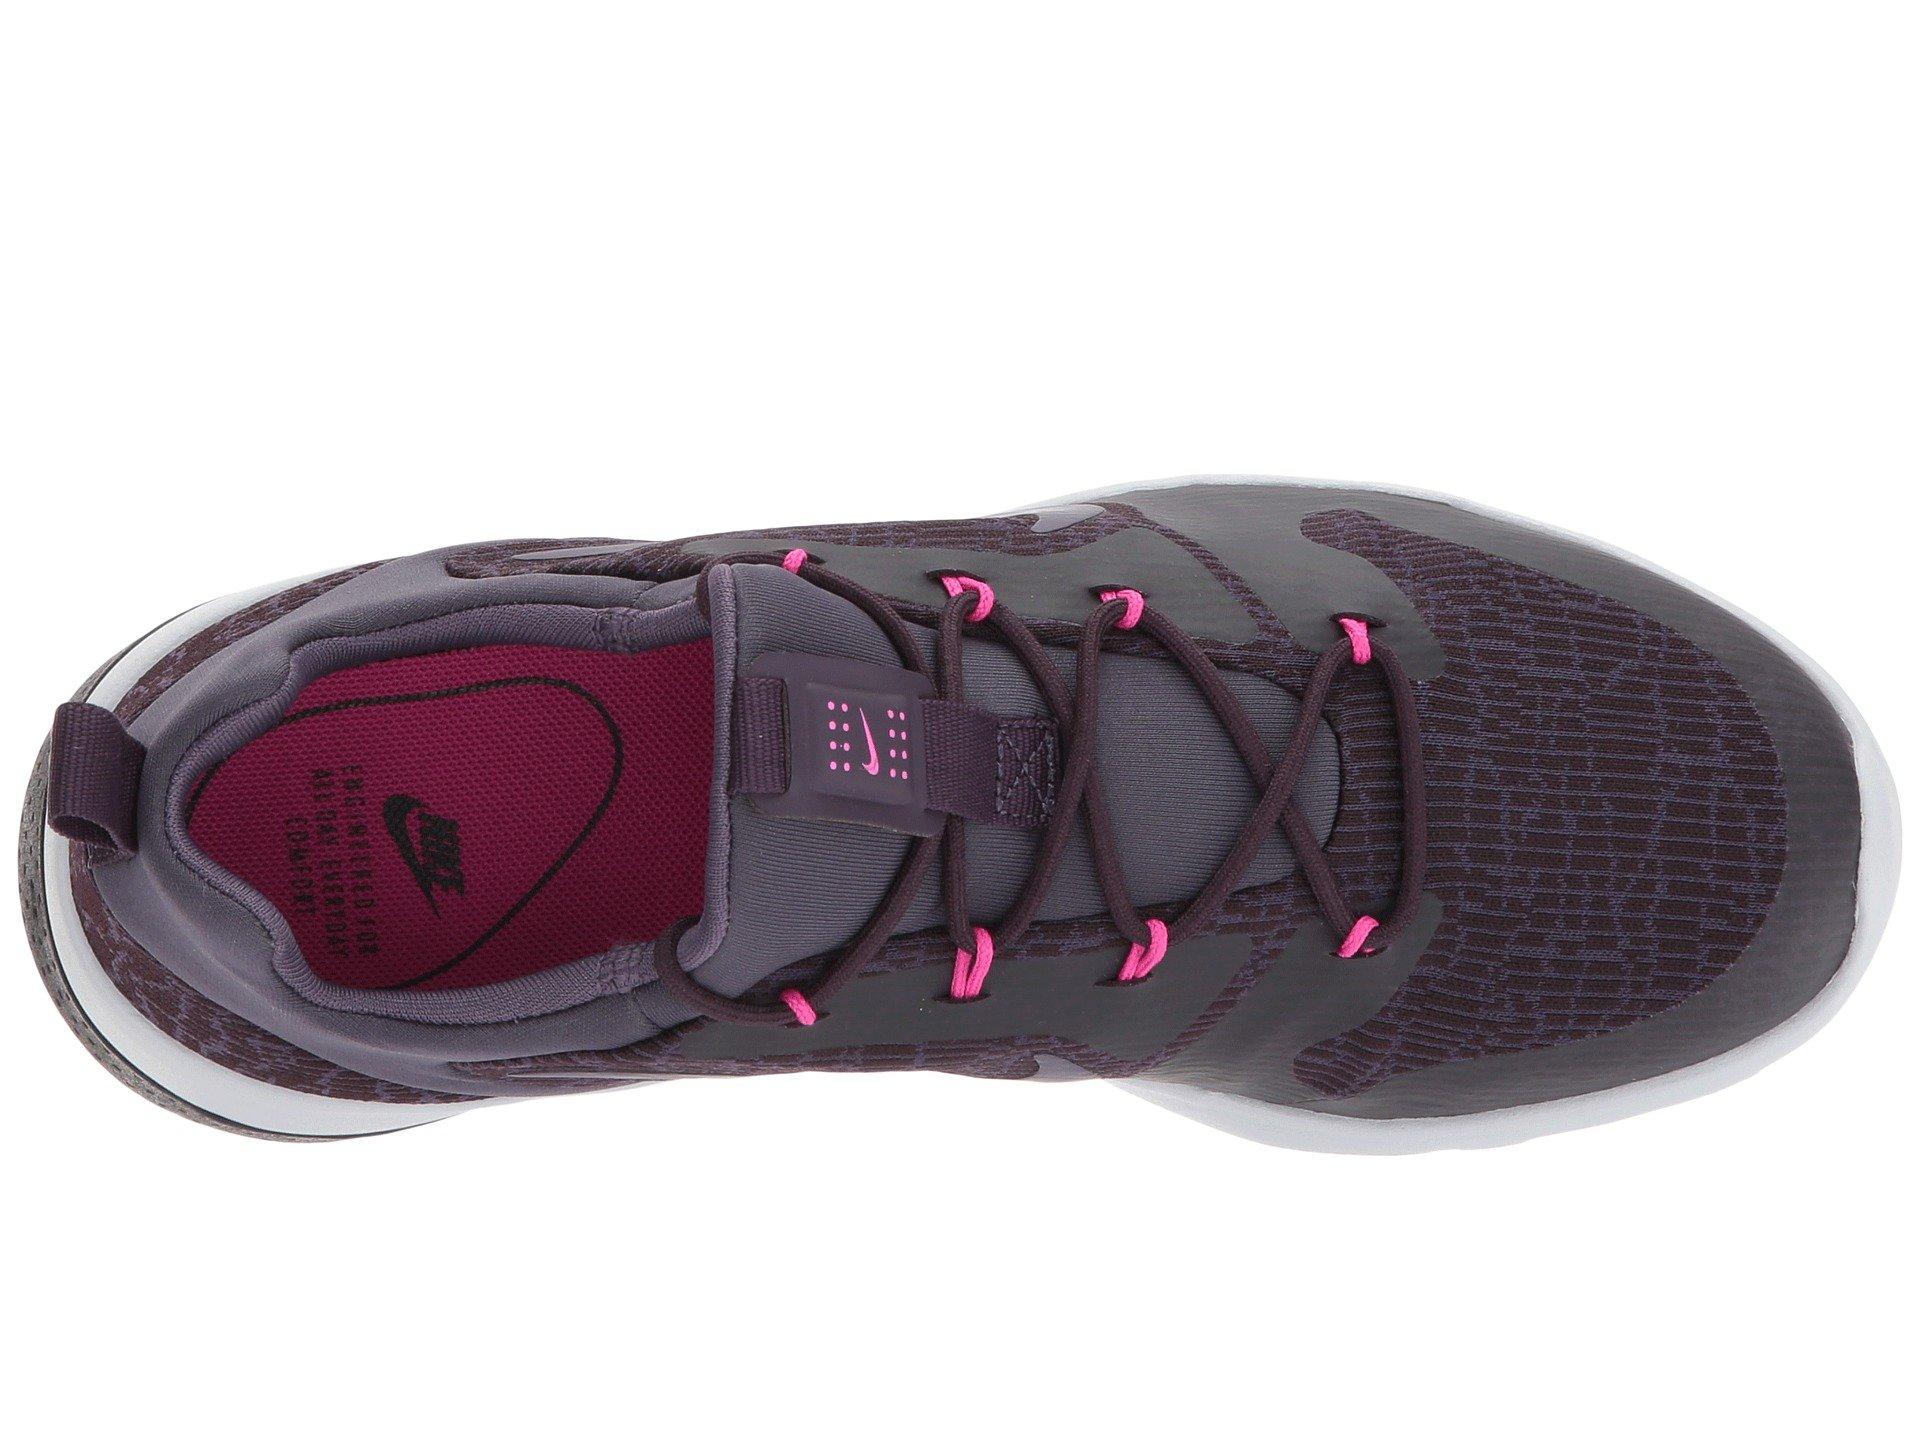 55a480c6af04 Nike Ck Racer